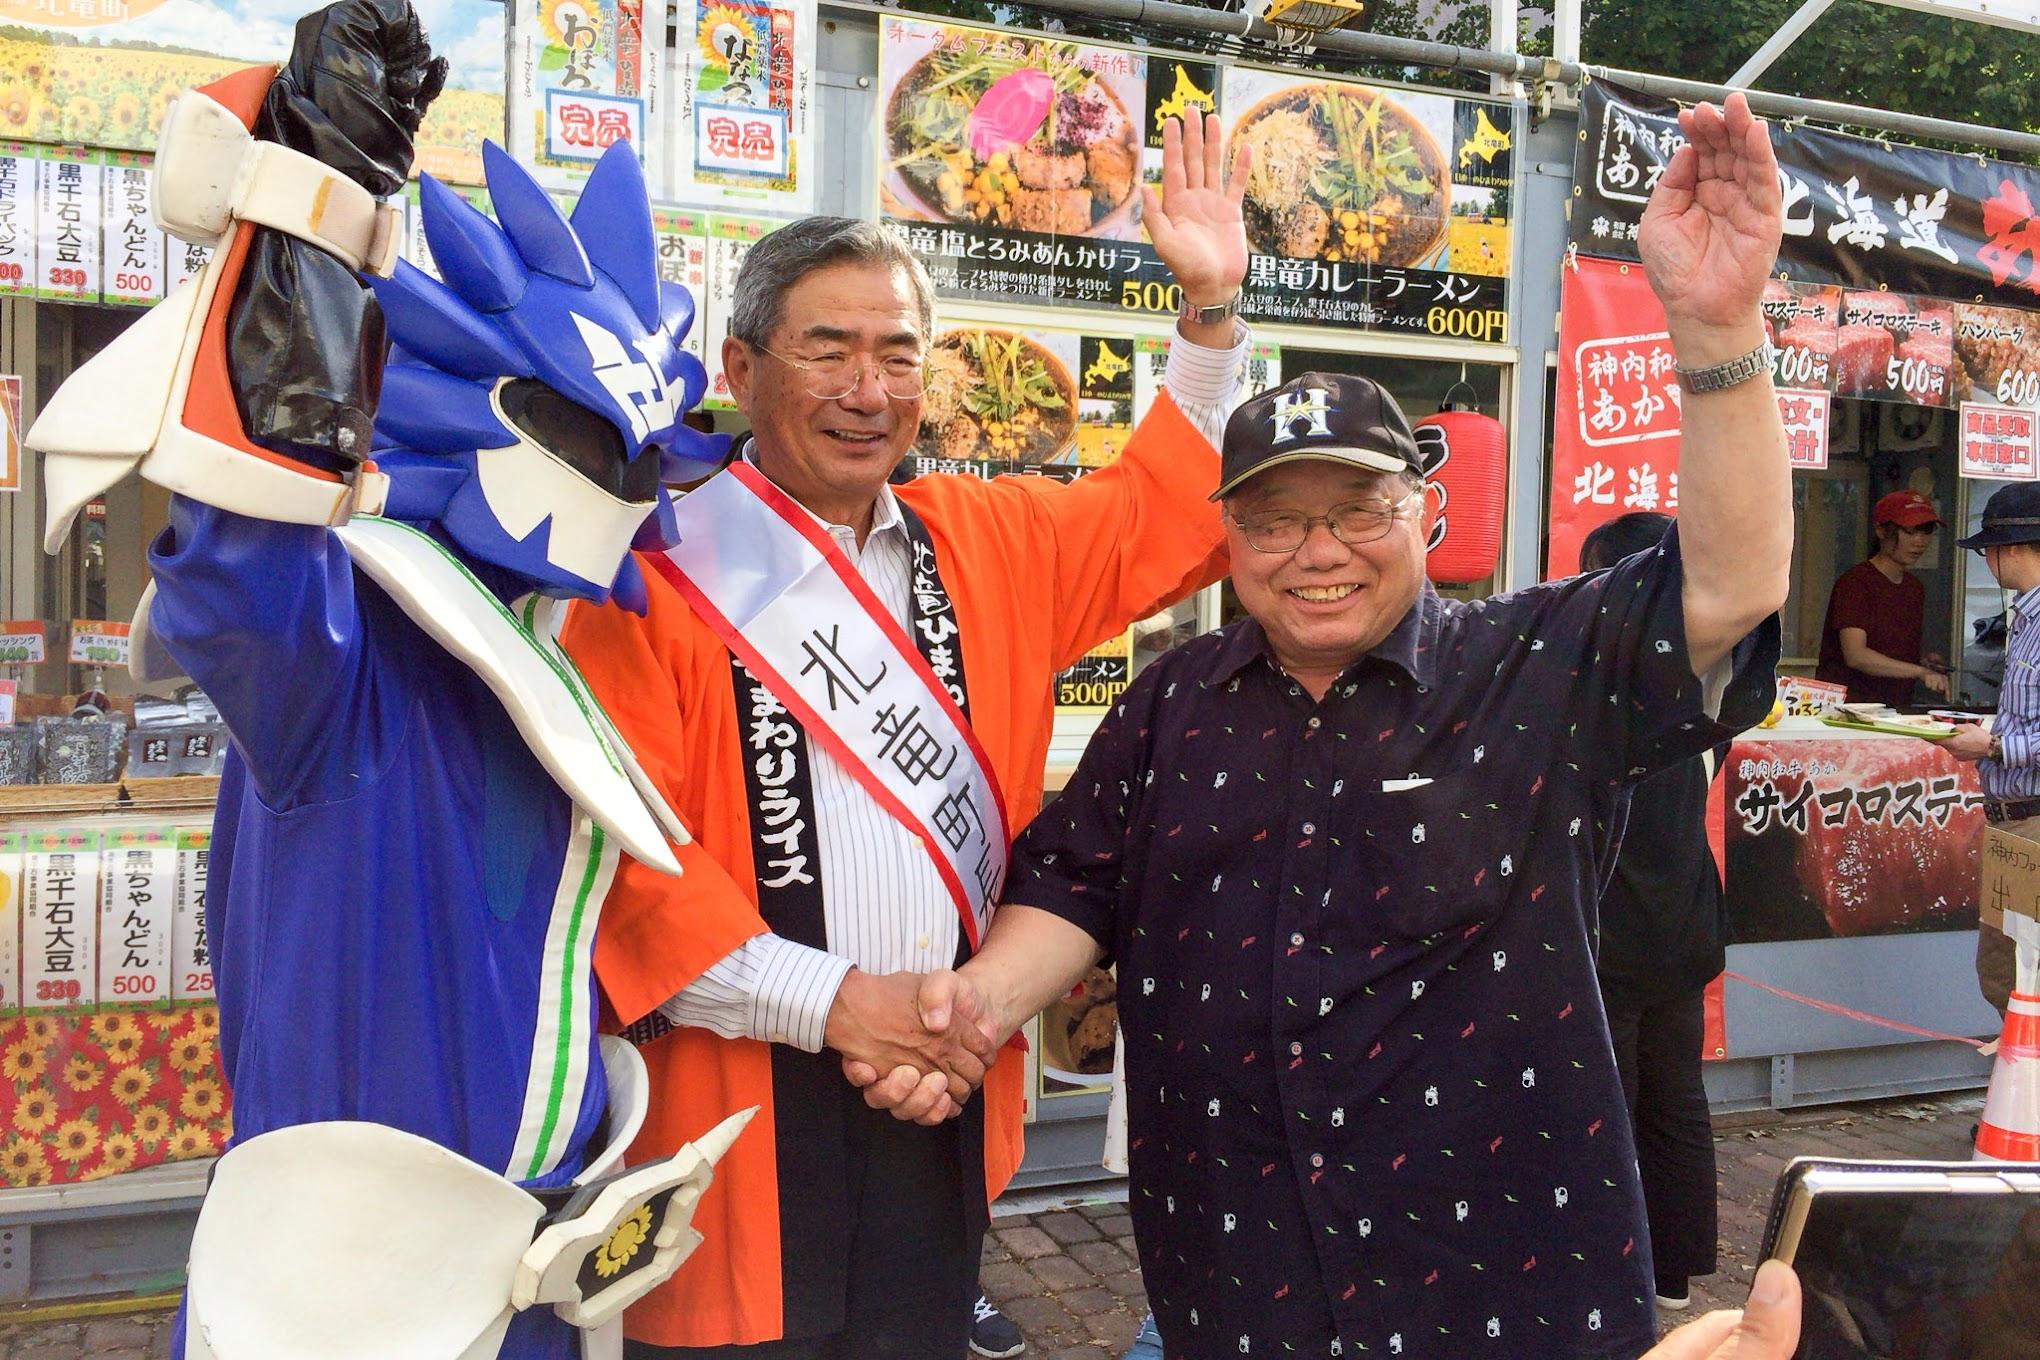 北海道日本ハムファイターズ初代宣伝部長土田さん(北竜町出身)が駆けつけてくださいました